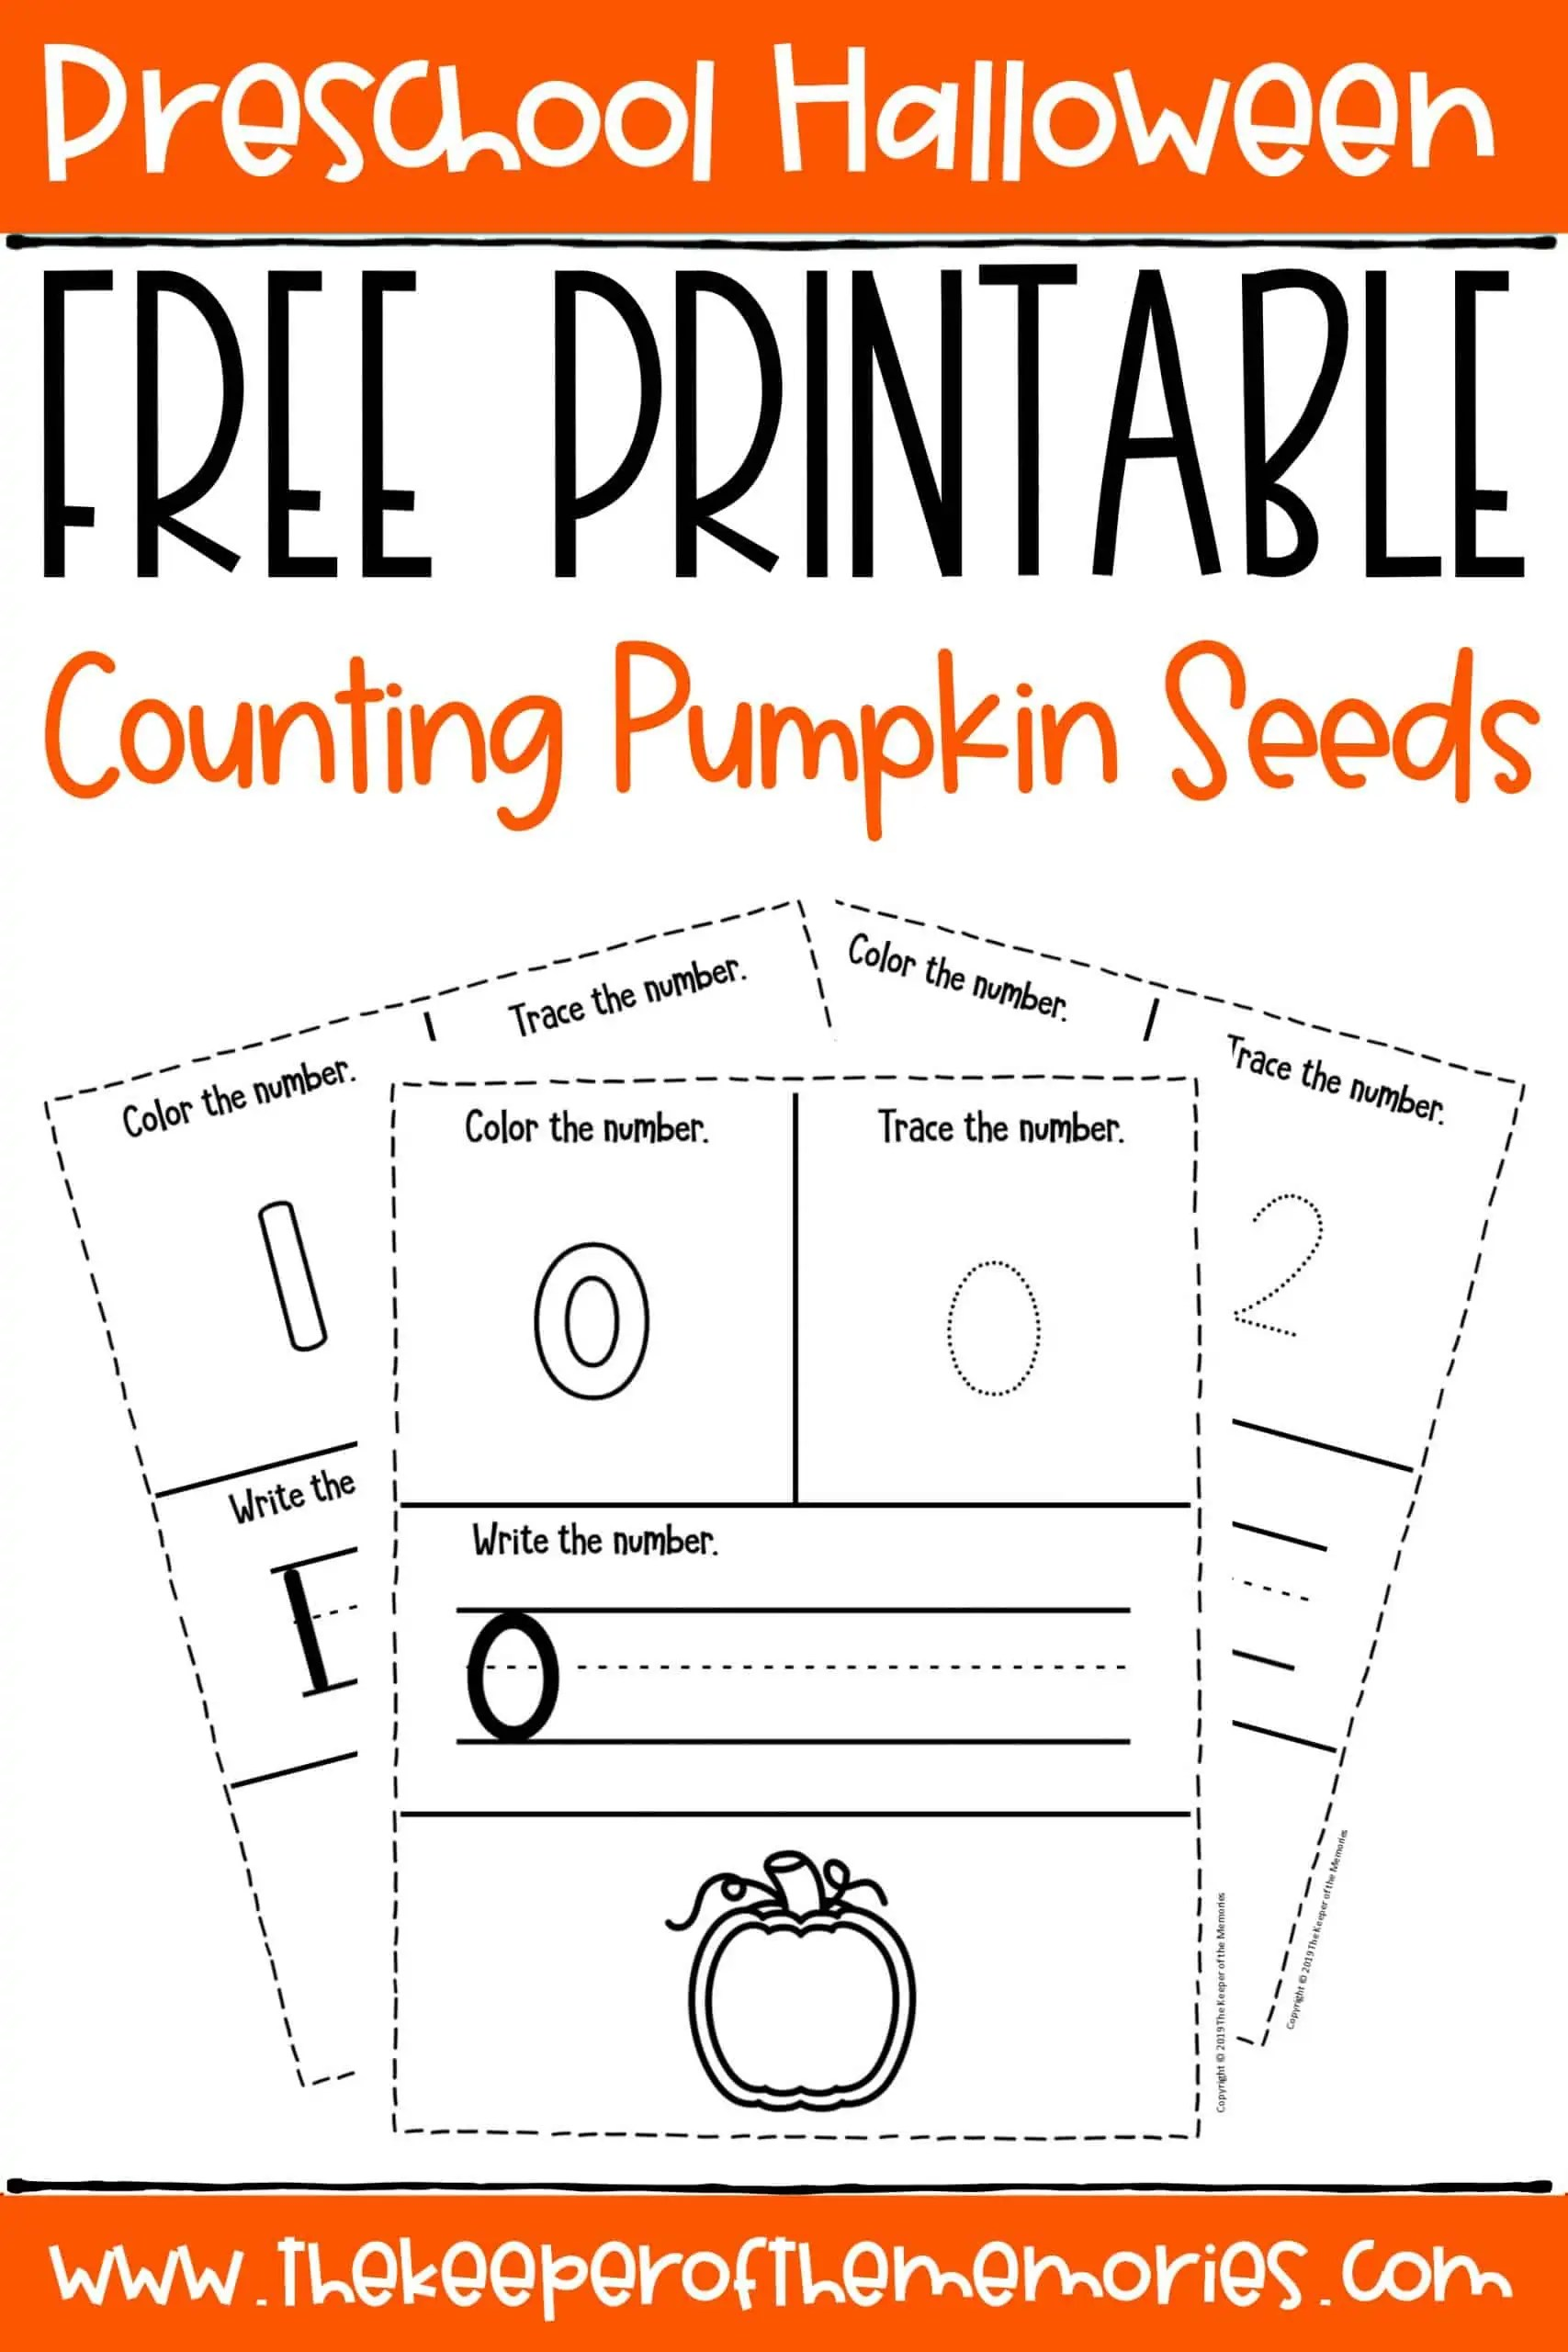 Free Printable Counting Pumpkin Seeds Halloween Preschool